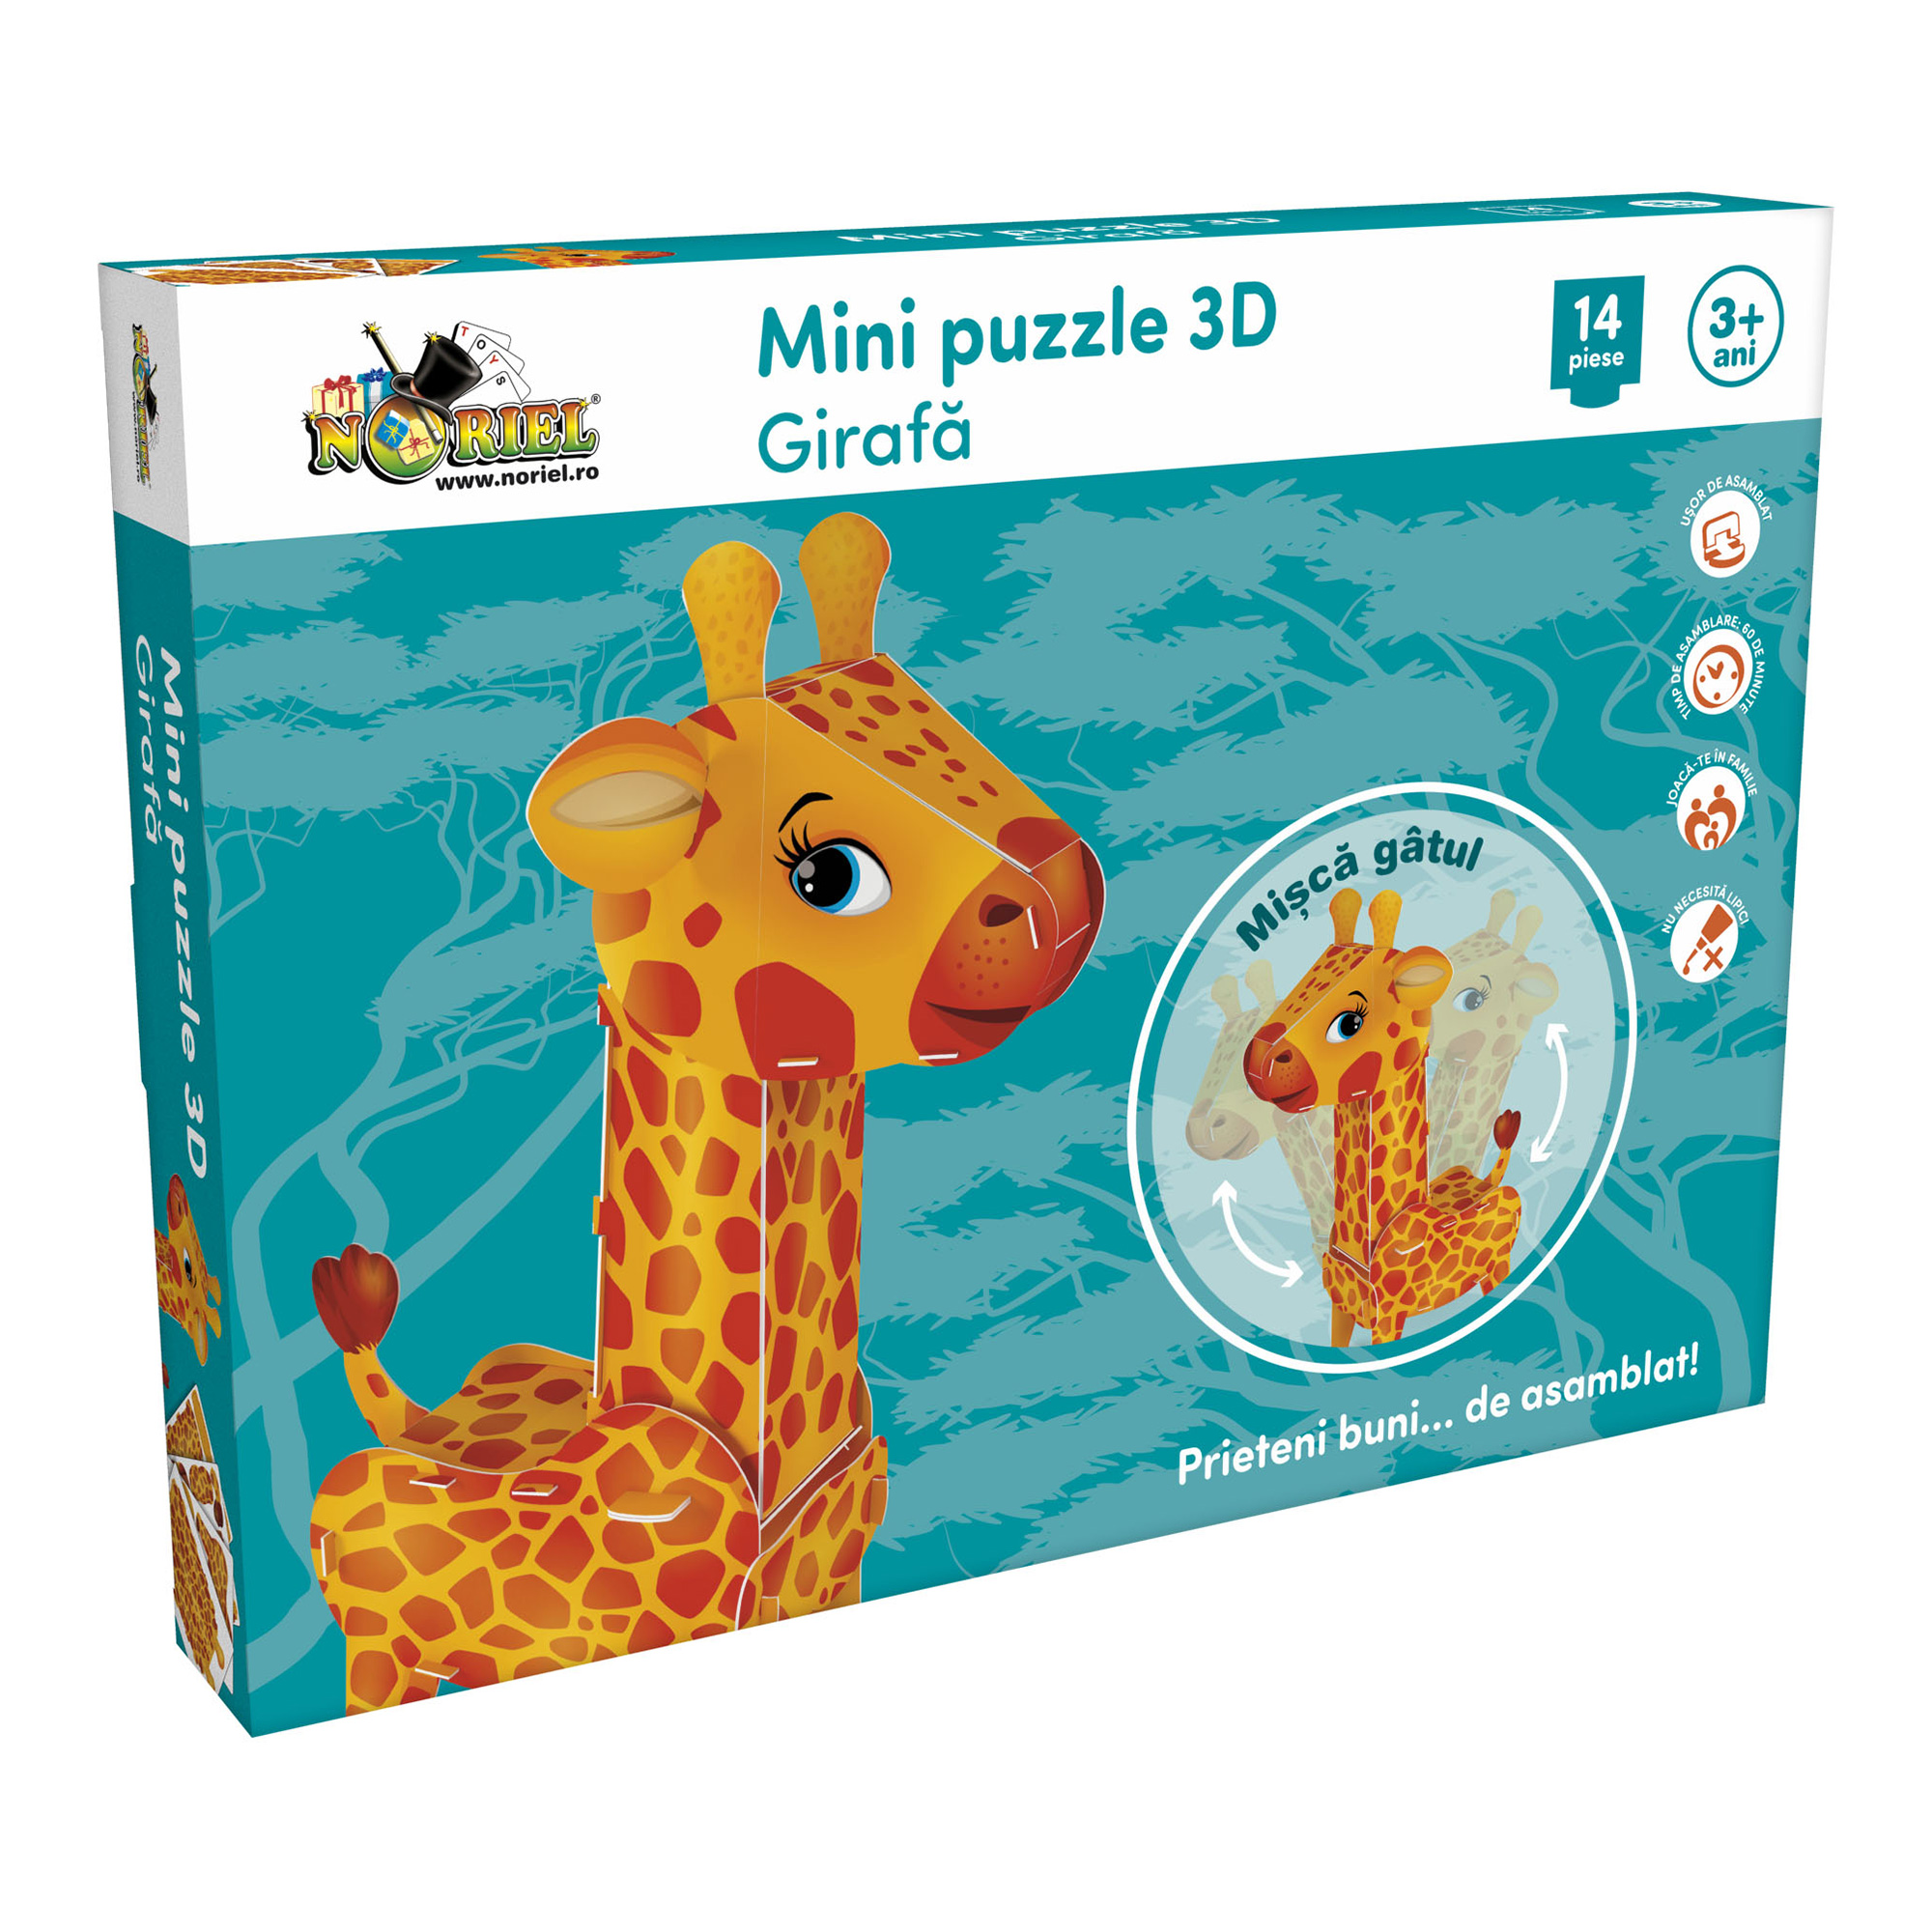 mini puzzle 3d noriel - girafa, 14 piese